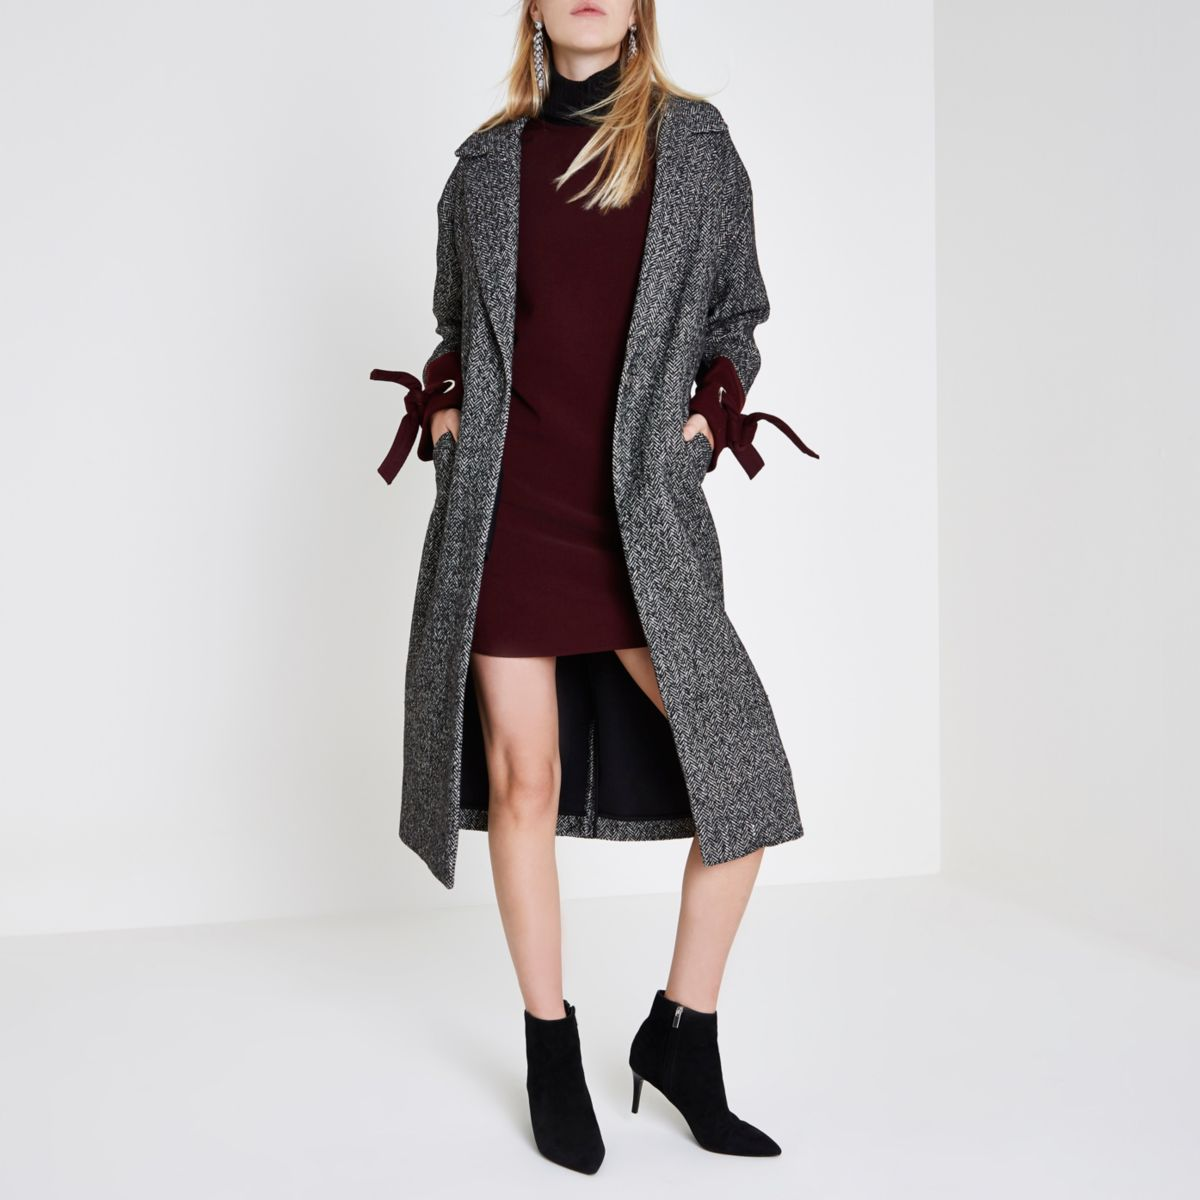 Schwarzer Mantel mit Karos